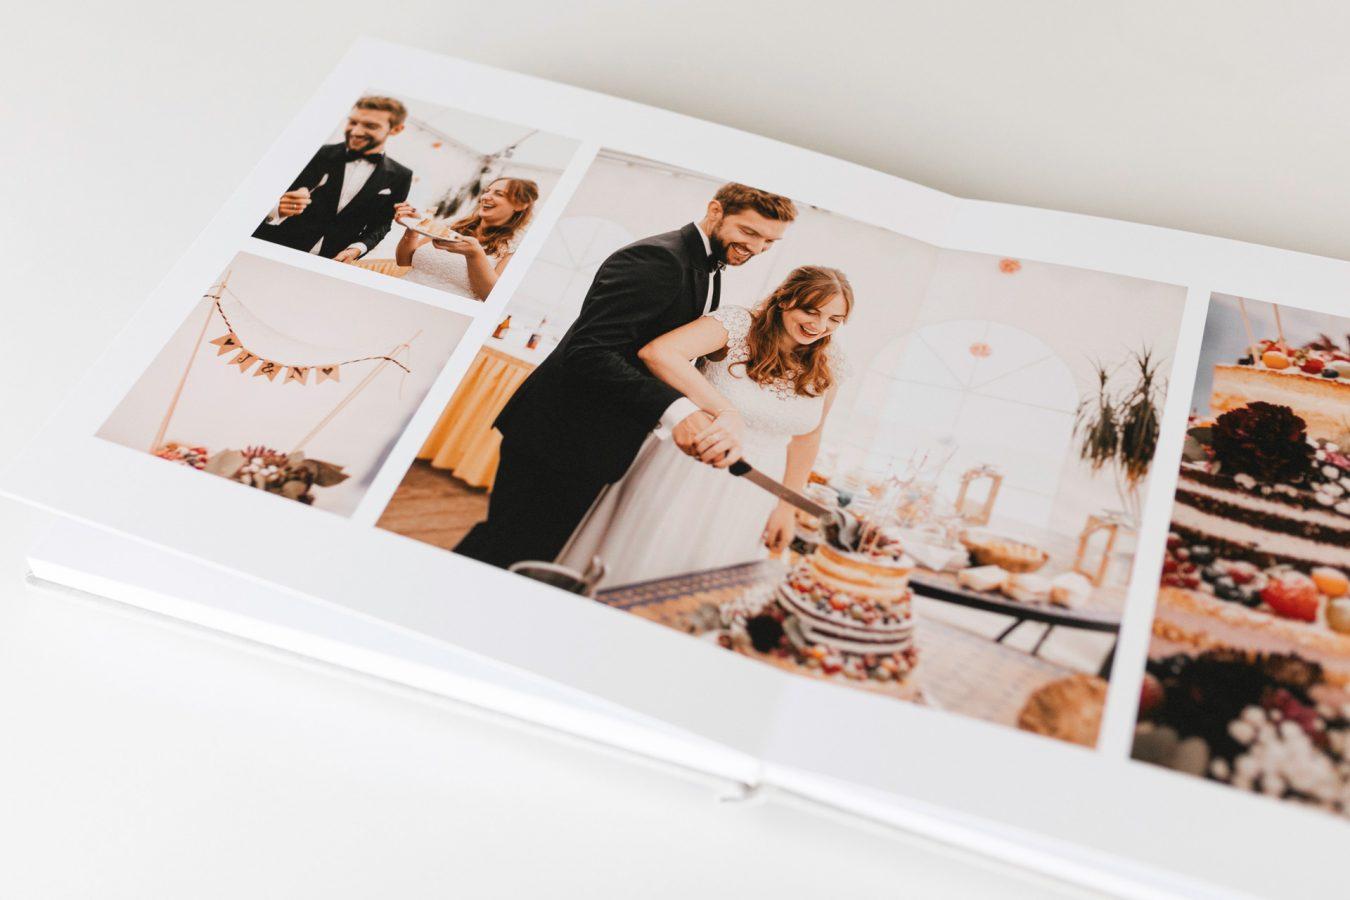 Hochwertiges langlebiges Fotoalbum Leinen nPhoto Familienfotografie Hochzeitsfotografie